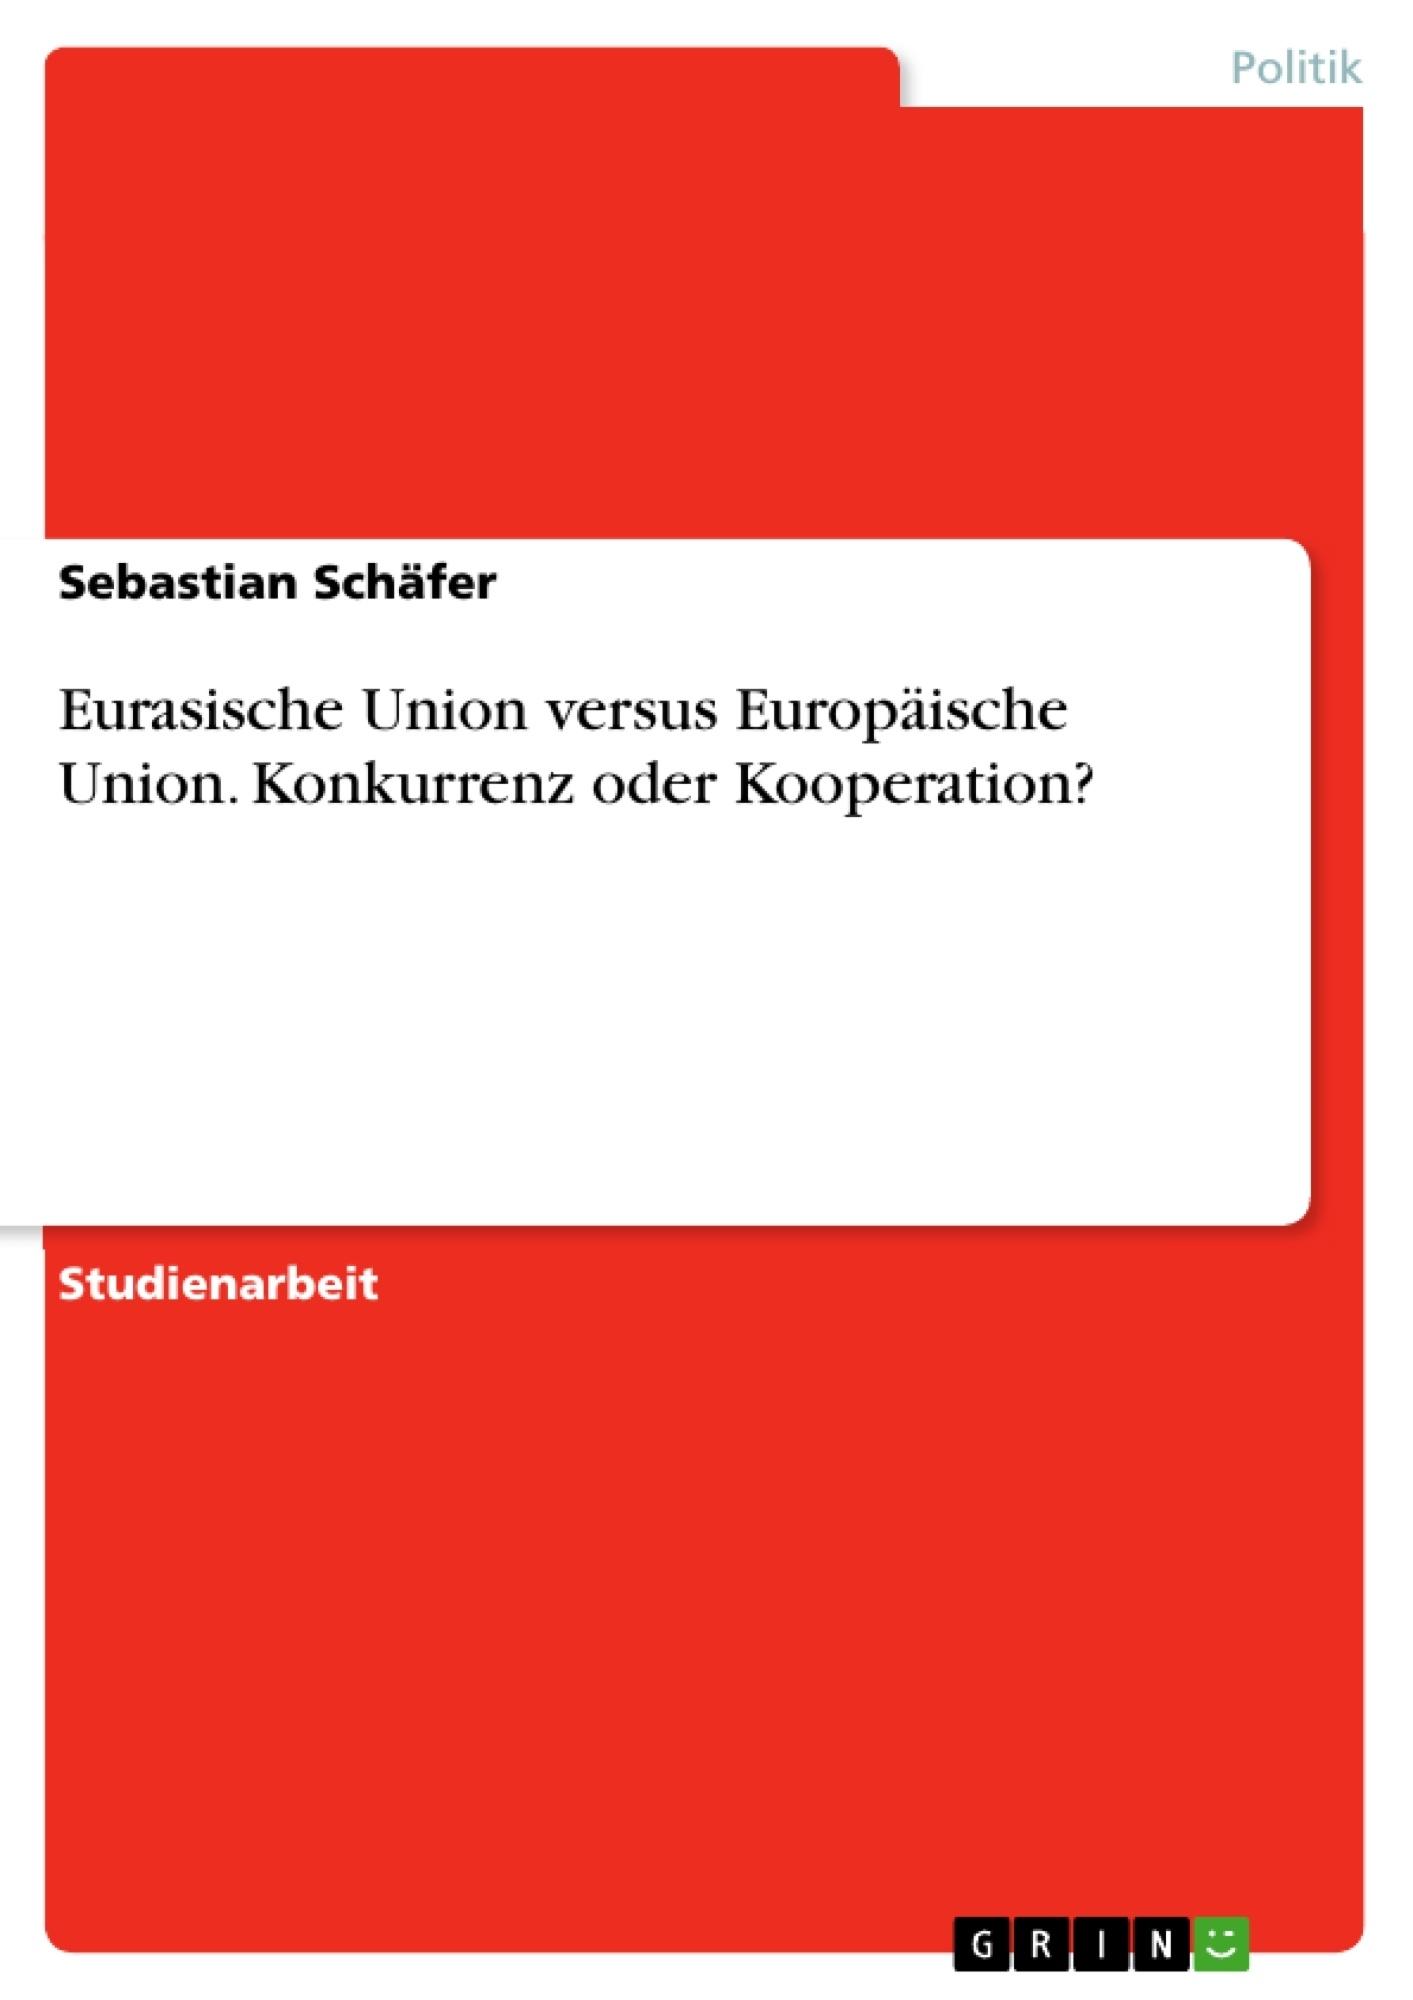 Titel: Eurasische Union versus Europäische Union. Konkurrenz oder Kooperation?